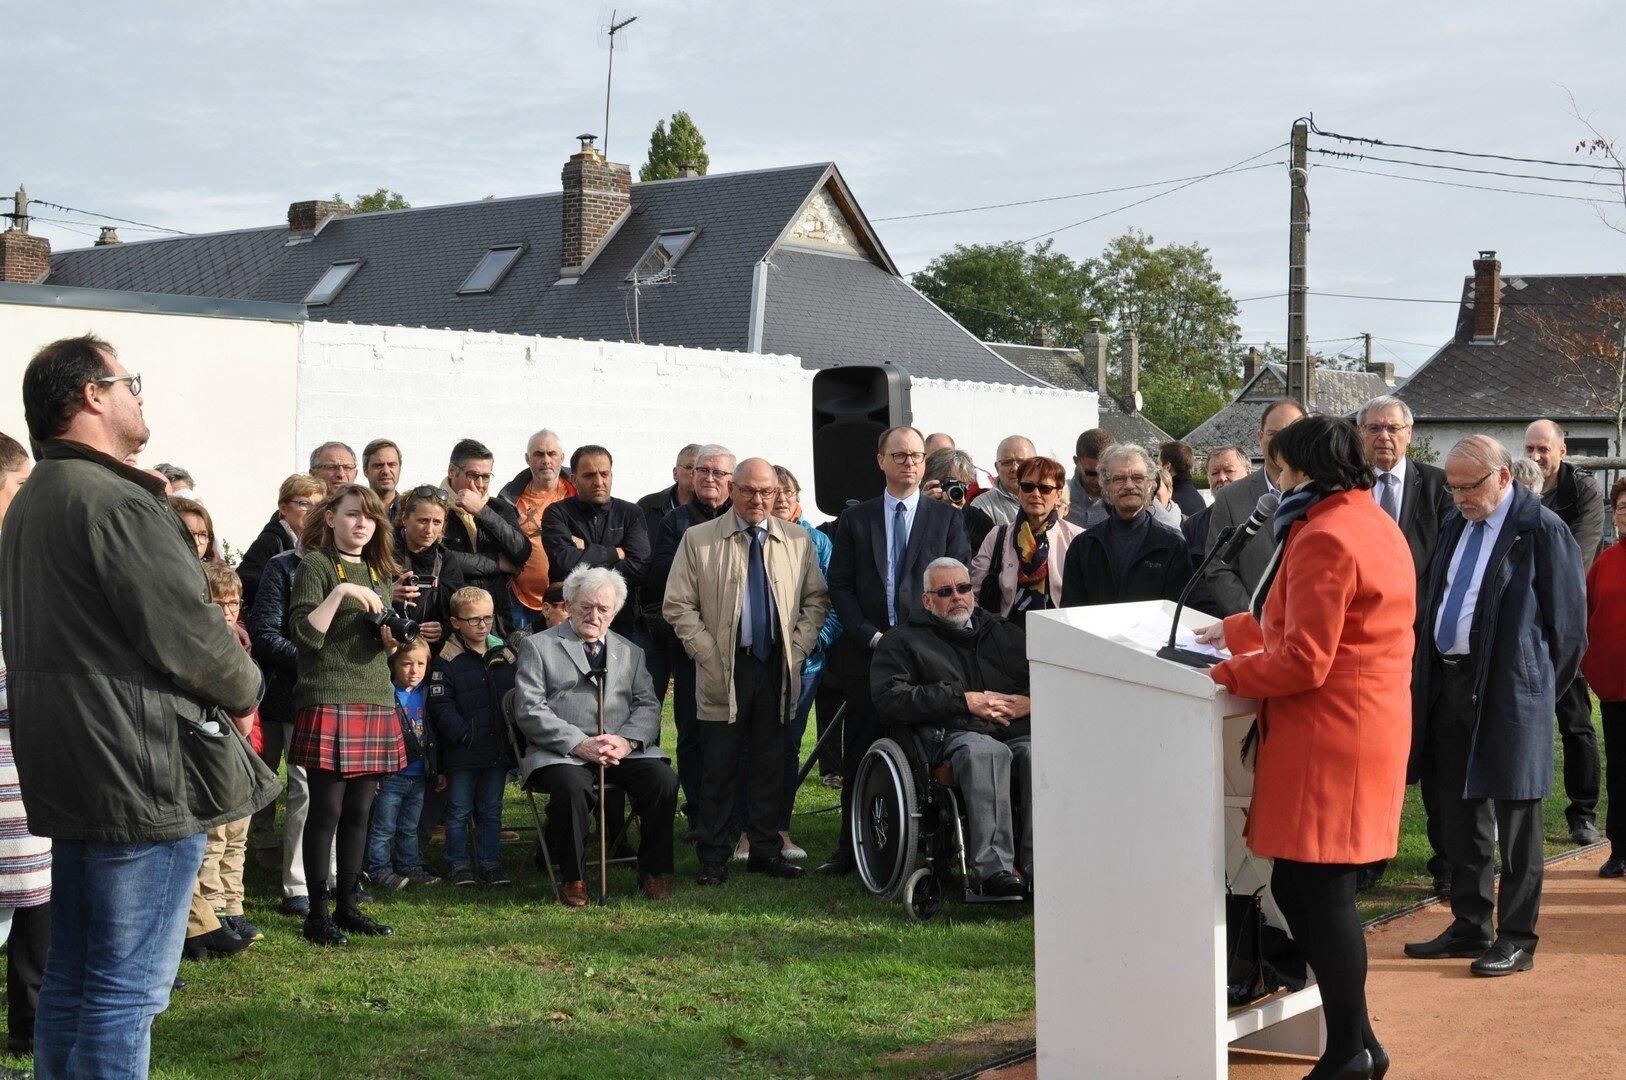 Grand-Quevilly n'oublie plus Louis Jouvin, élu maire de la ville à la Libération. Une page se referme